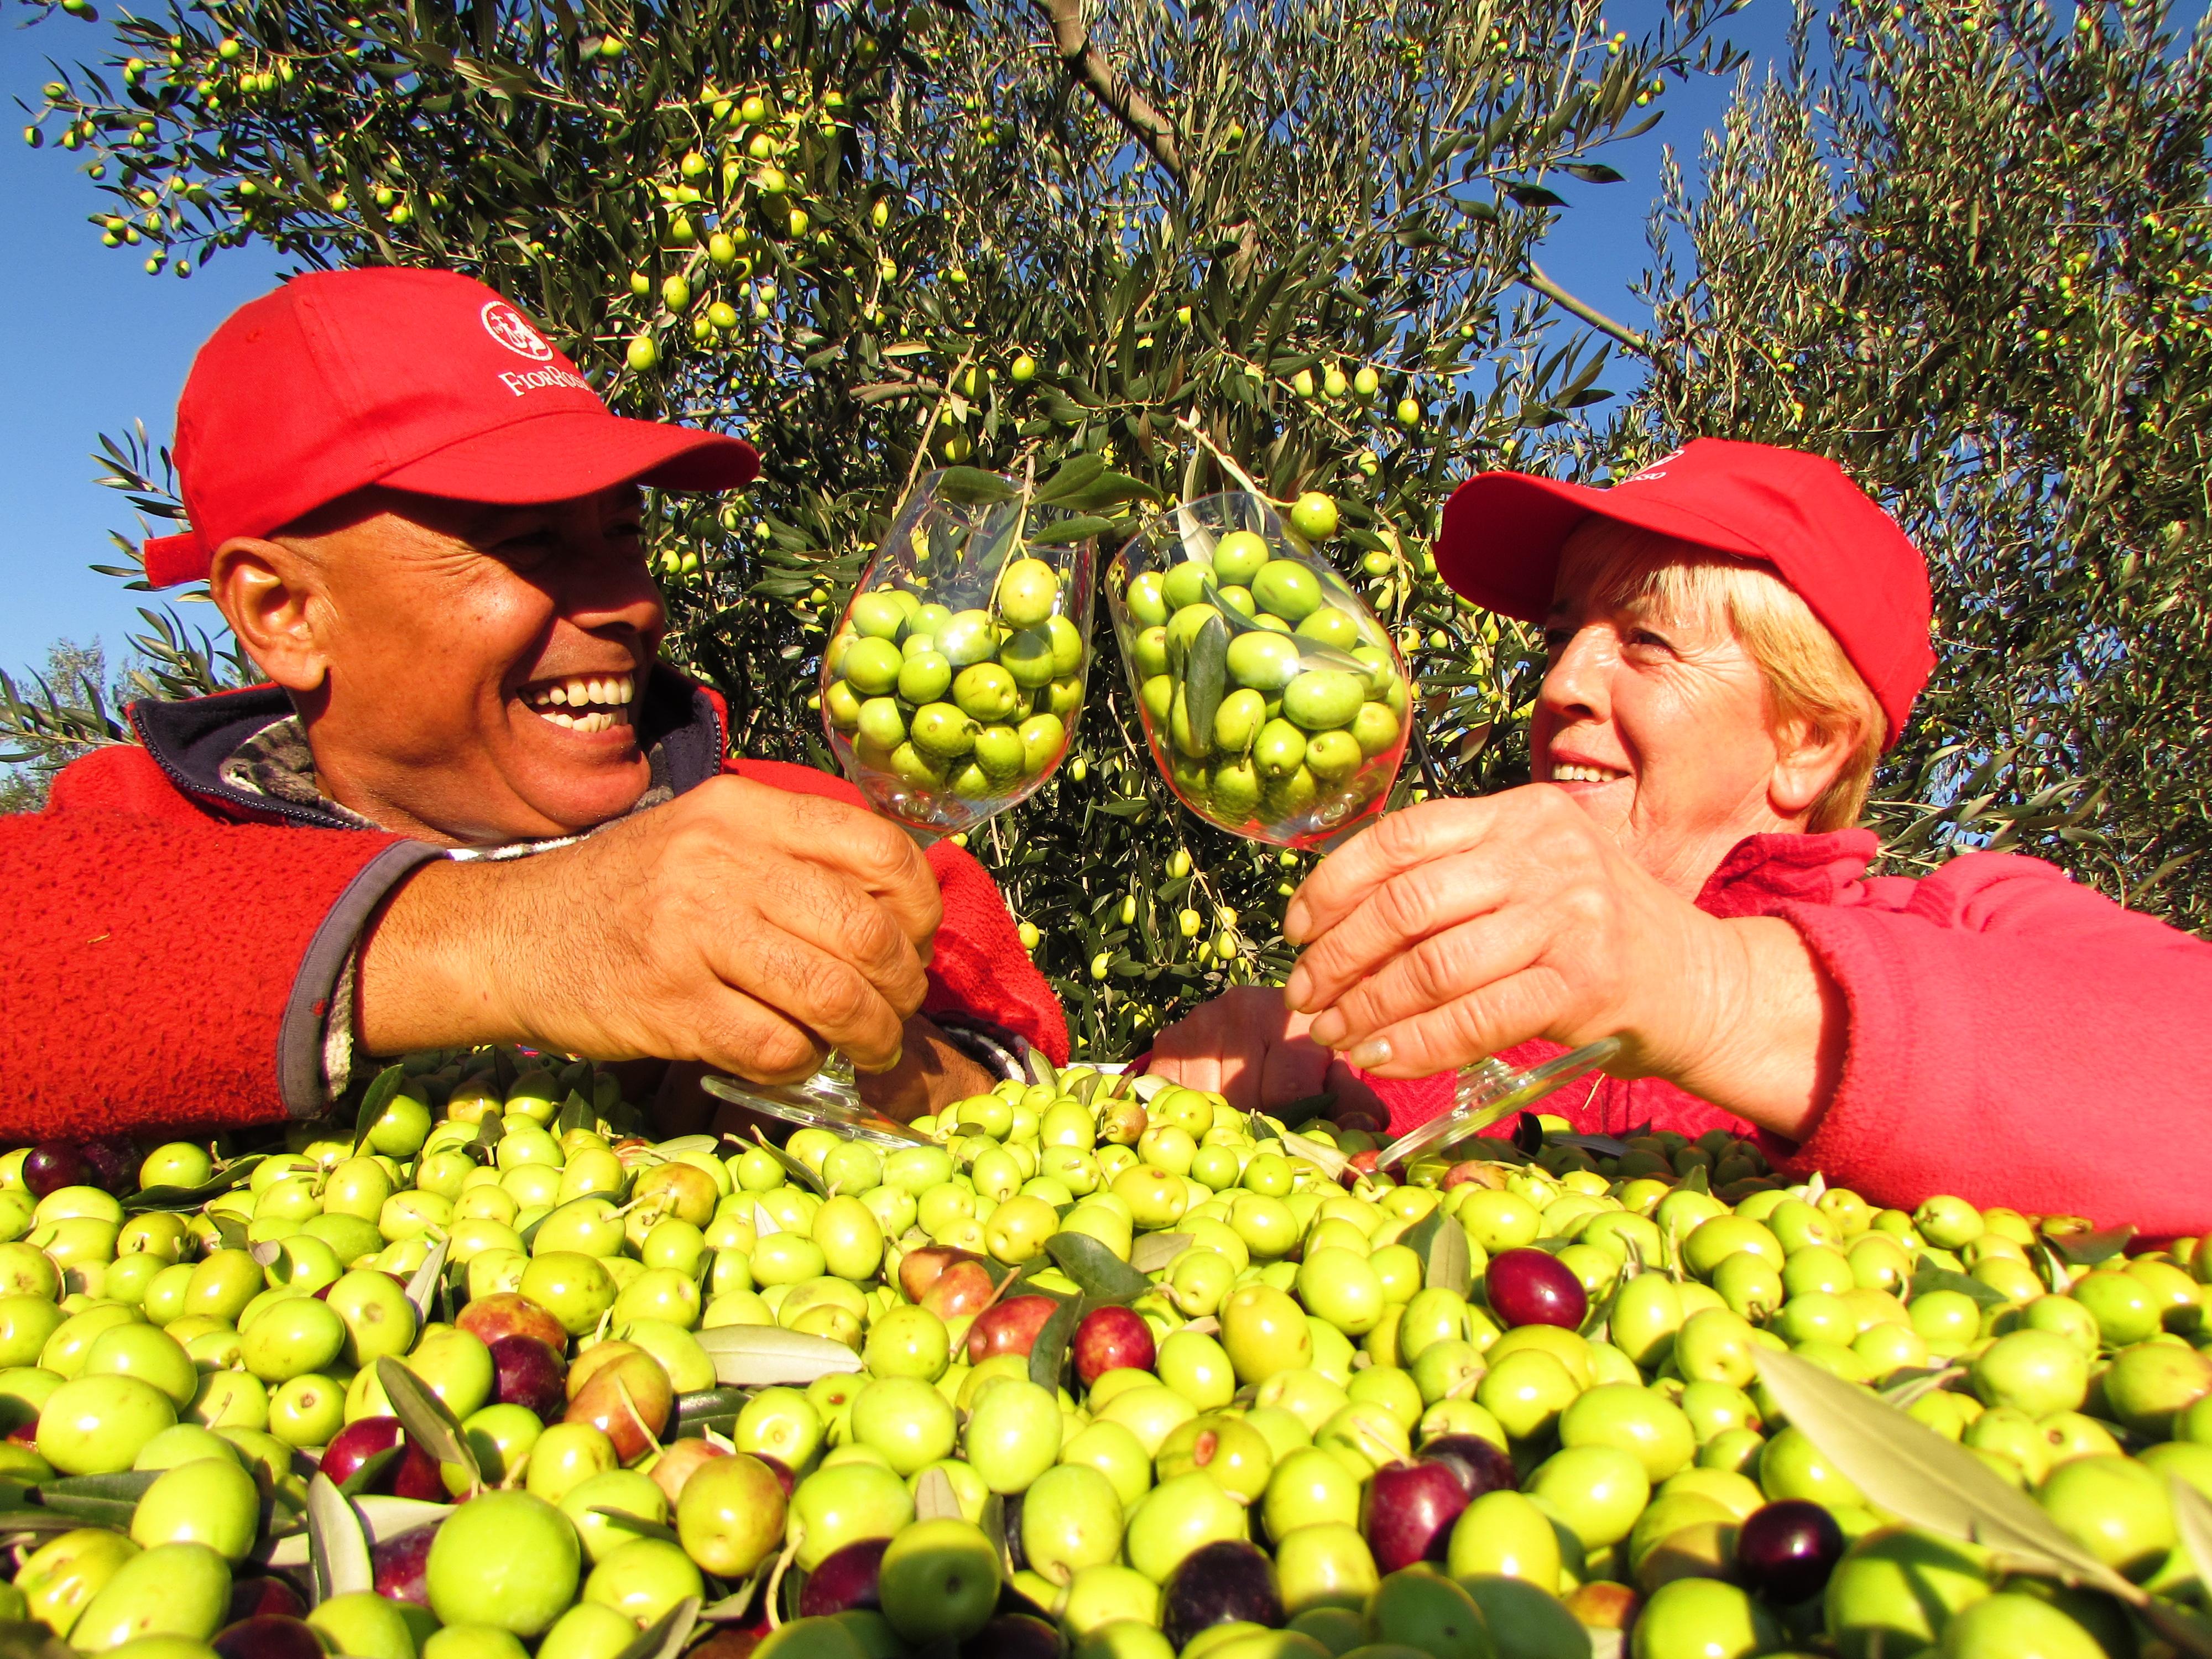 Visita nell'oliveto con assaggio olio extravergine di oliva e didattica